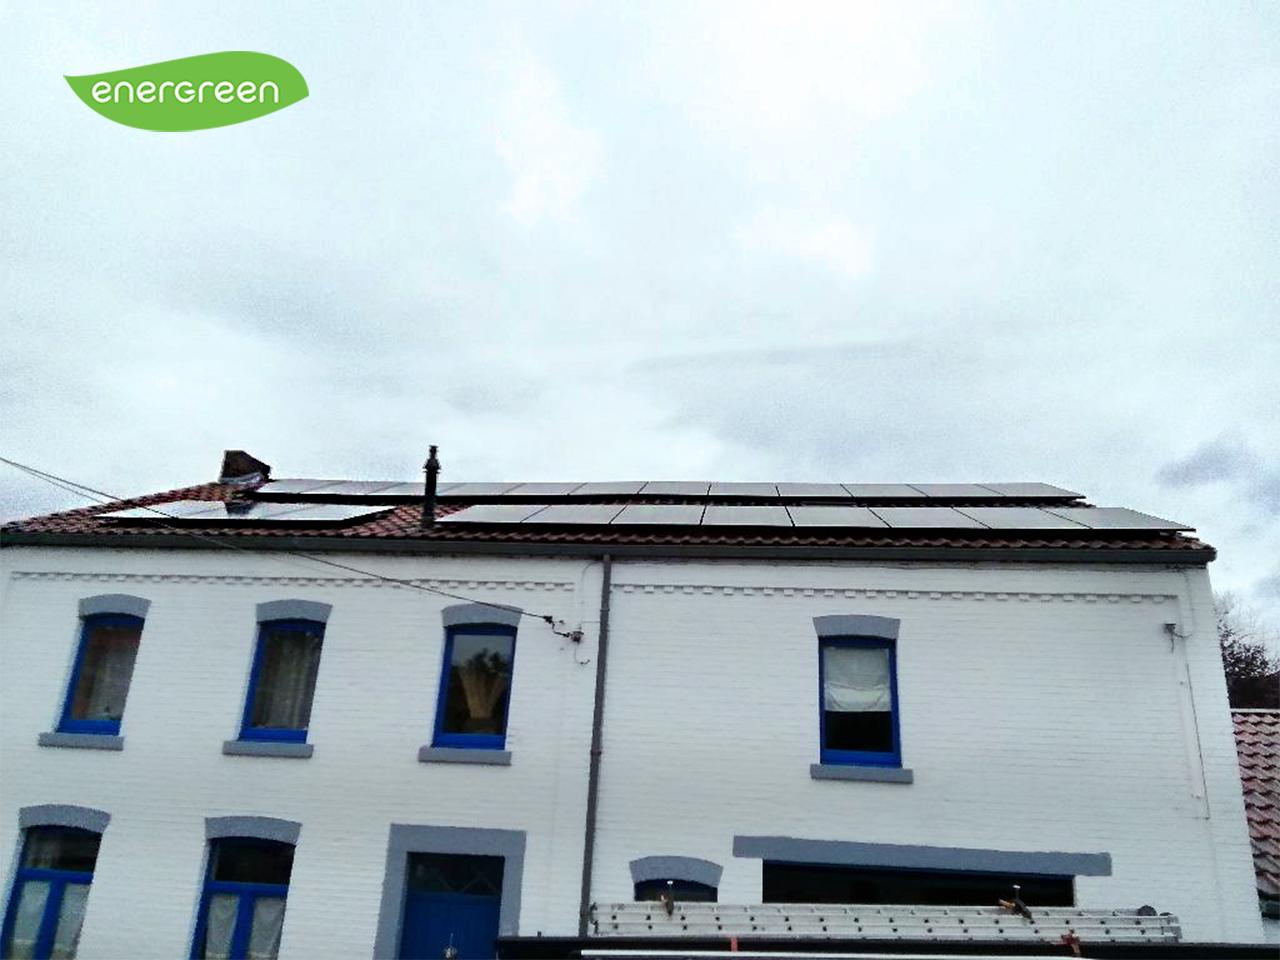 Installation panneaux photovoltaïques Label 15 Energreen